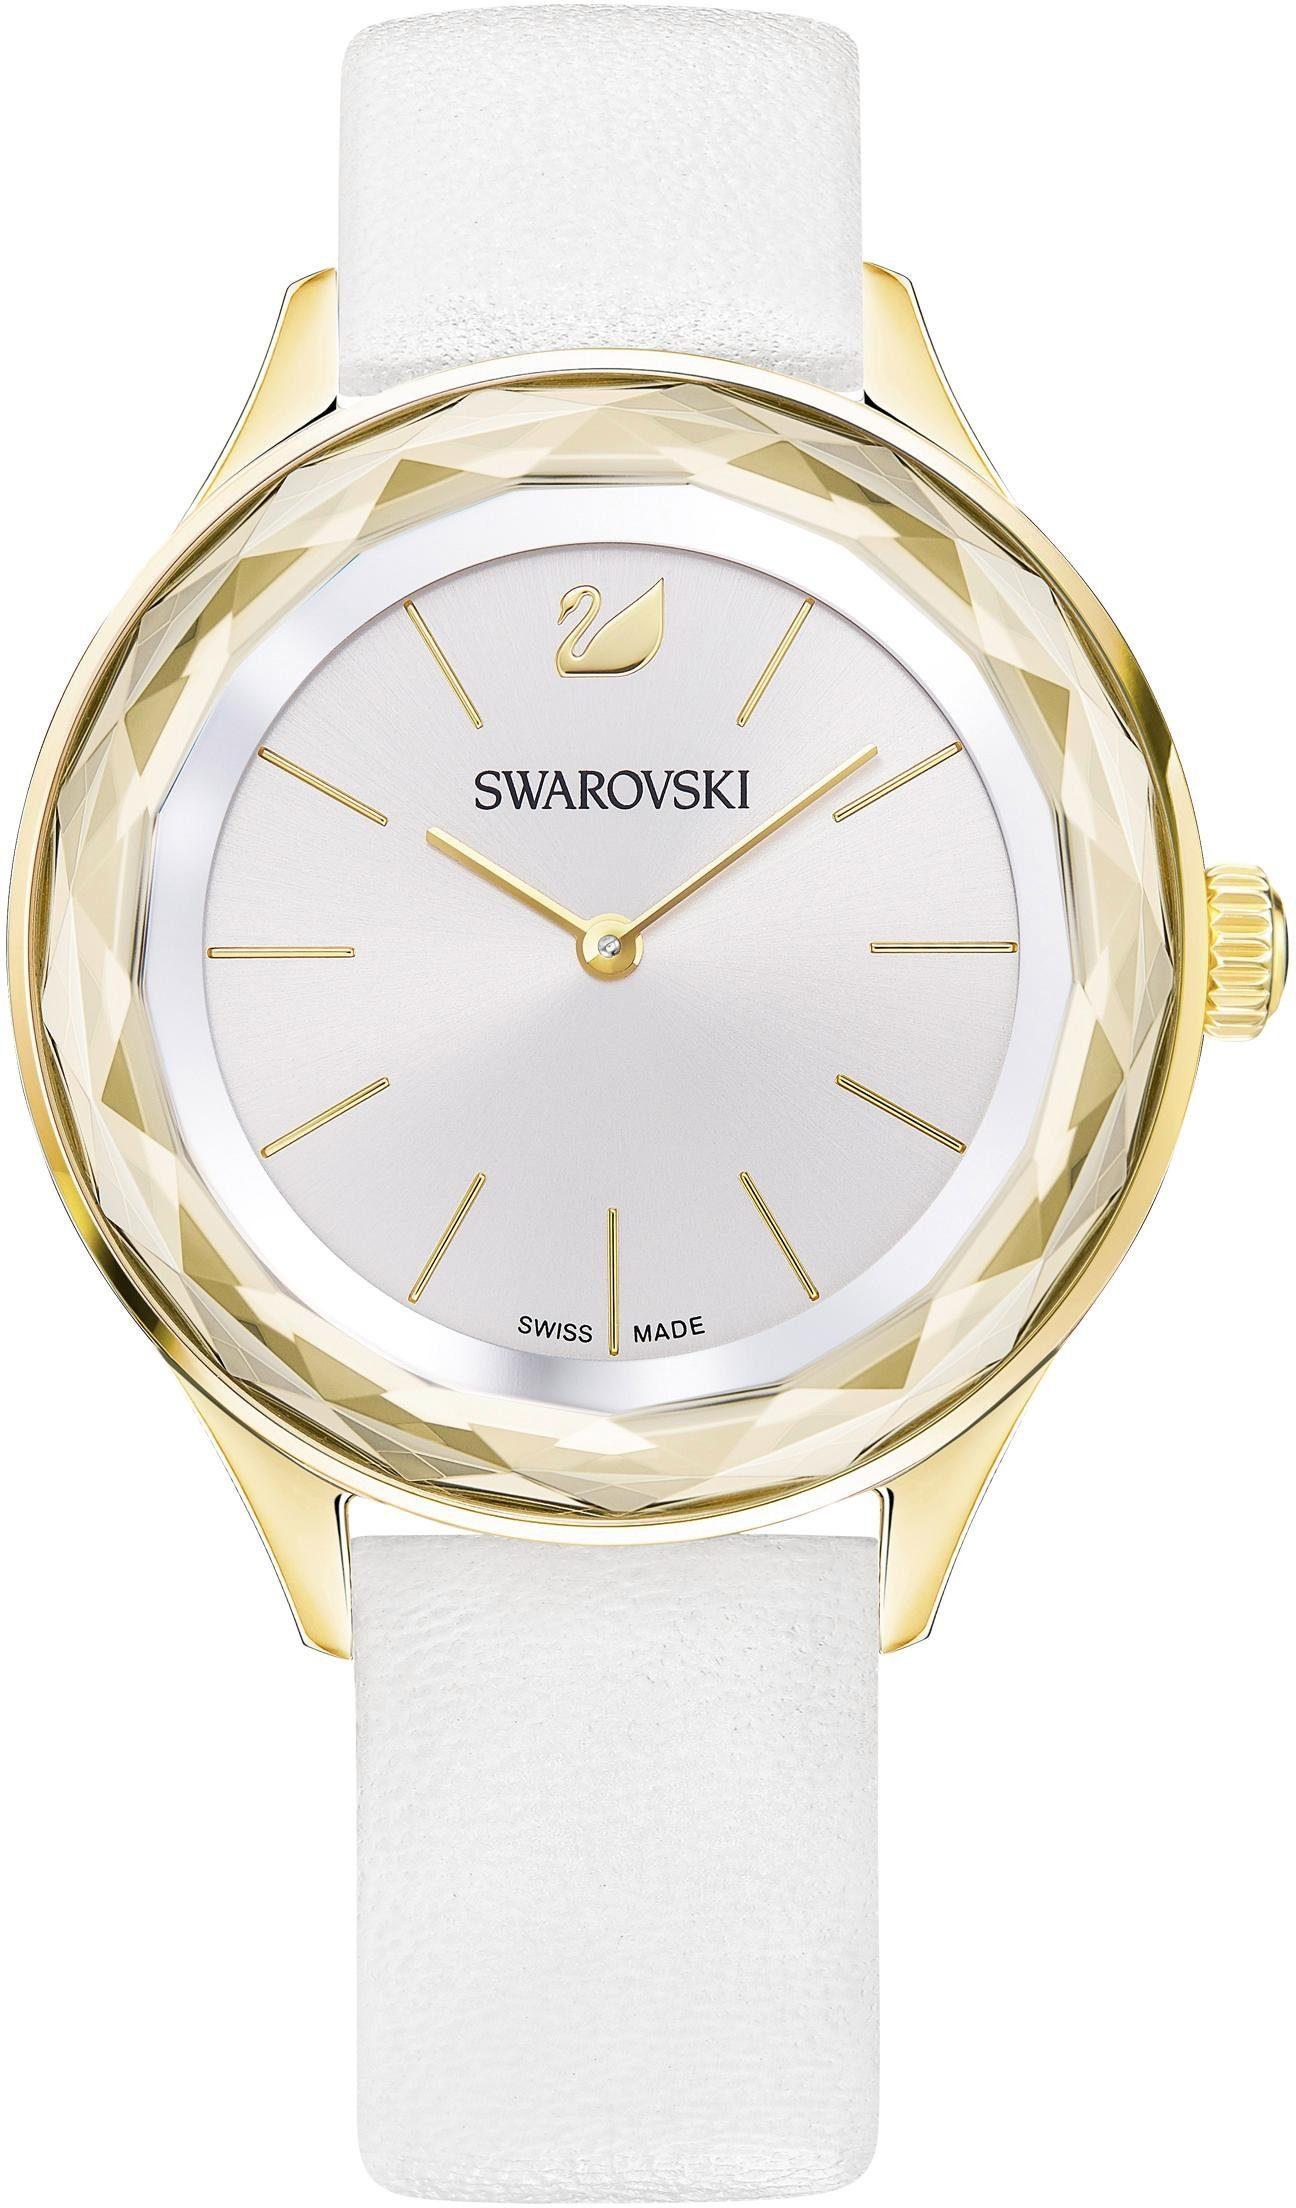 Swarovski Schweizer Uhr »Octea Nova Uhr, Lederarmband, weiss, goldfarben, 5295337«